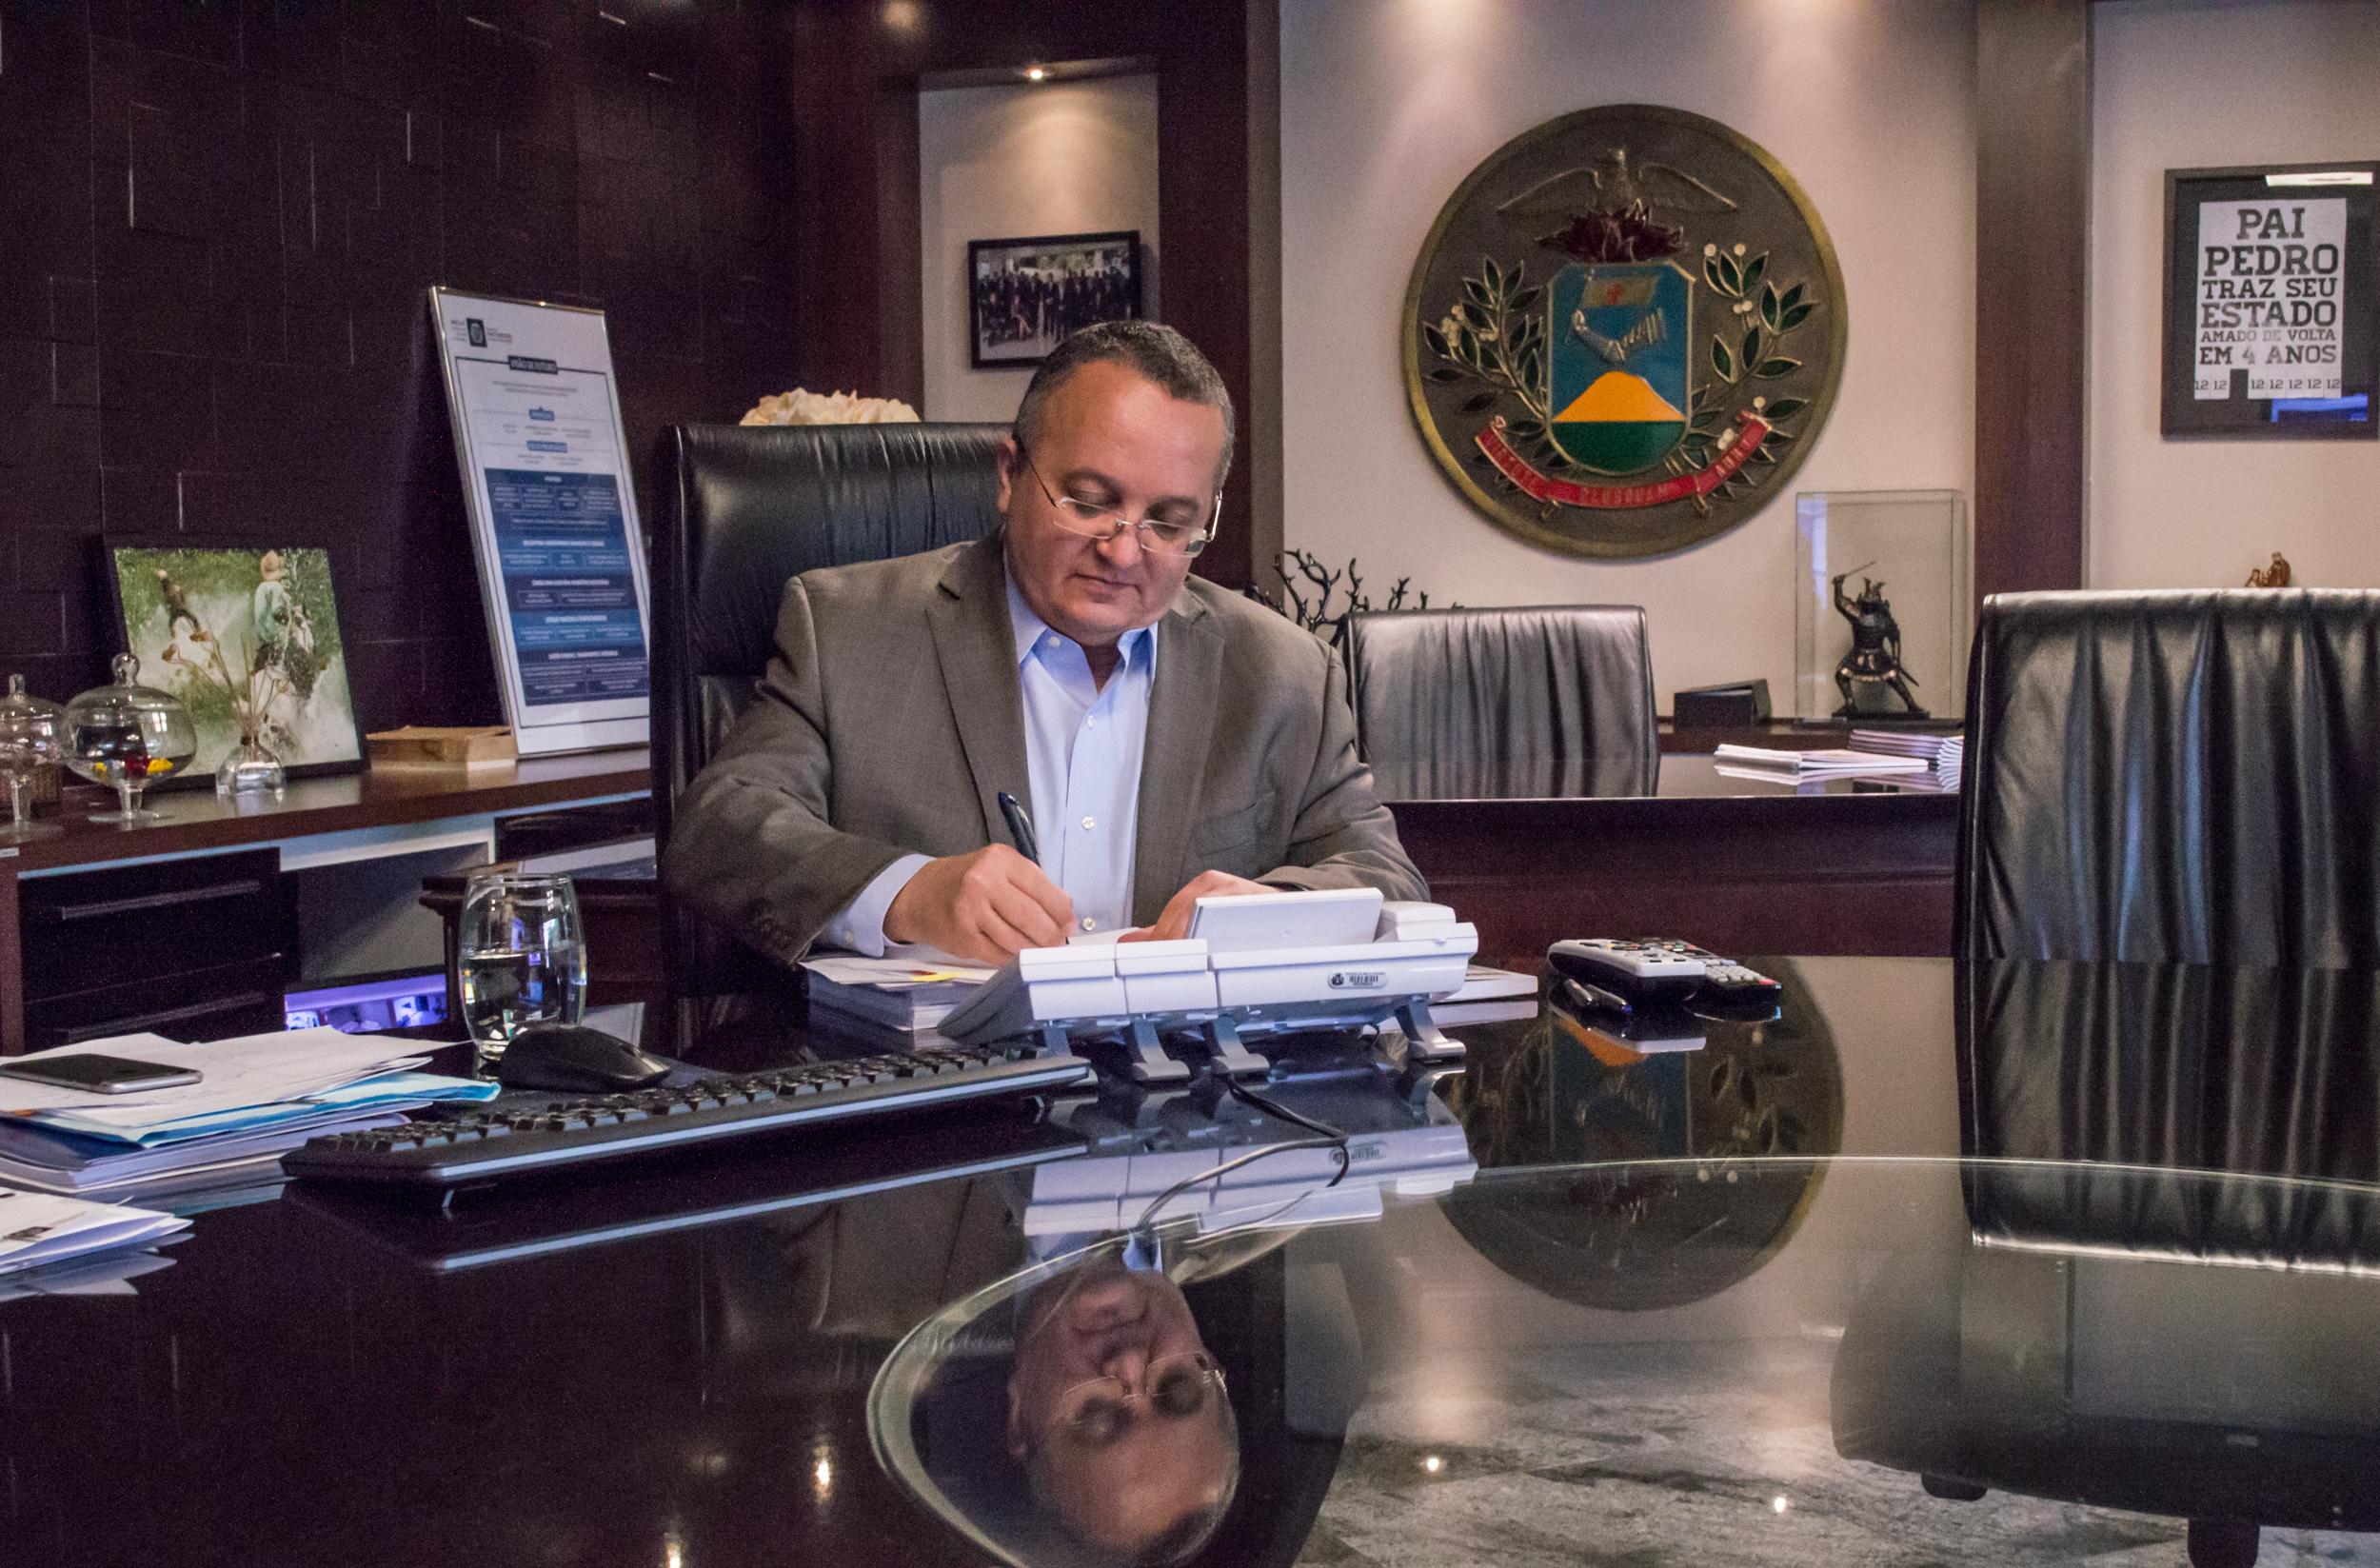 RGA : Governador sanciona lei que concede reajuste aos servidores estaduais